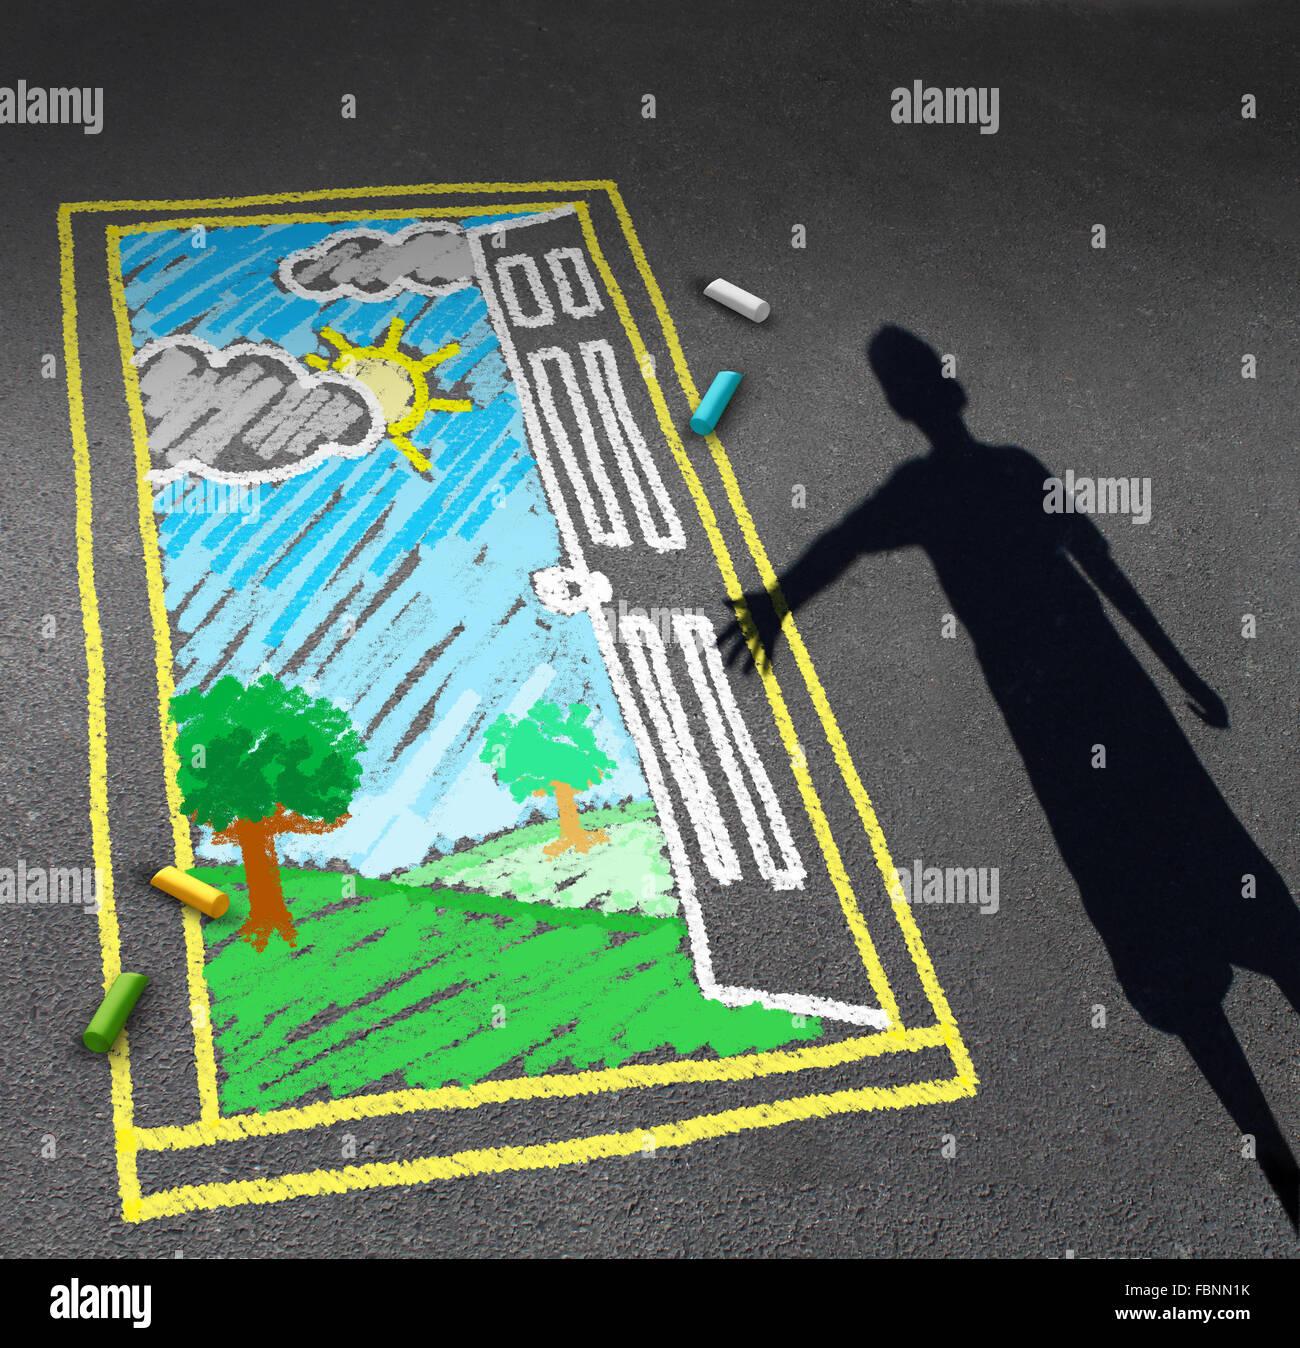 """Kindheit Gelegenheit Konzept und Kind Phantasie Symbol als """"Schatten"""" eines jungen auf der Suche nach Stockbild"""